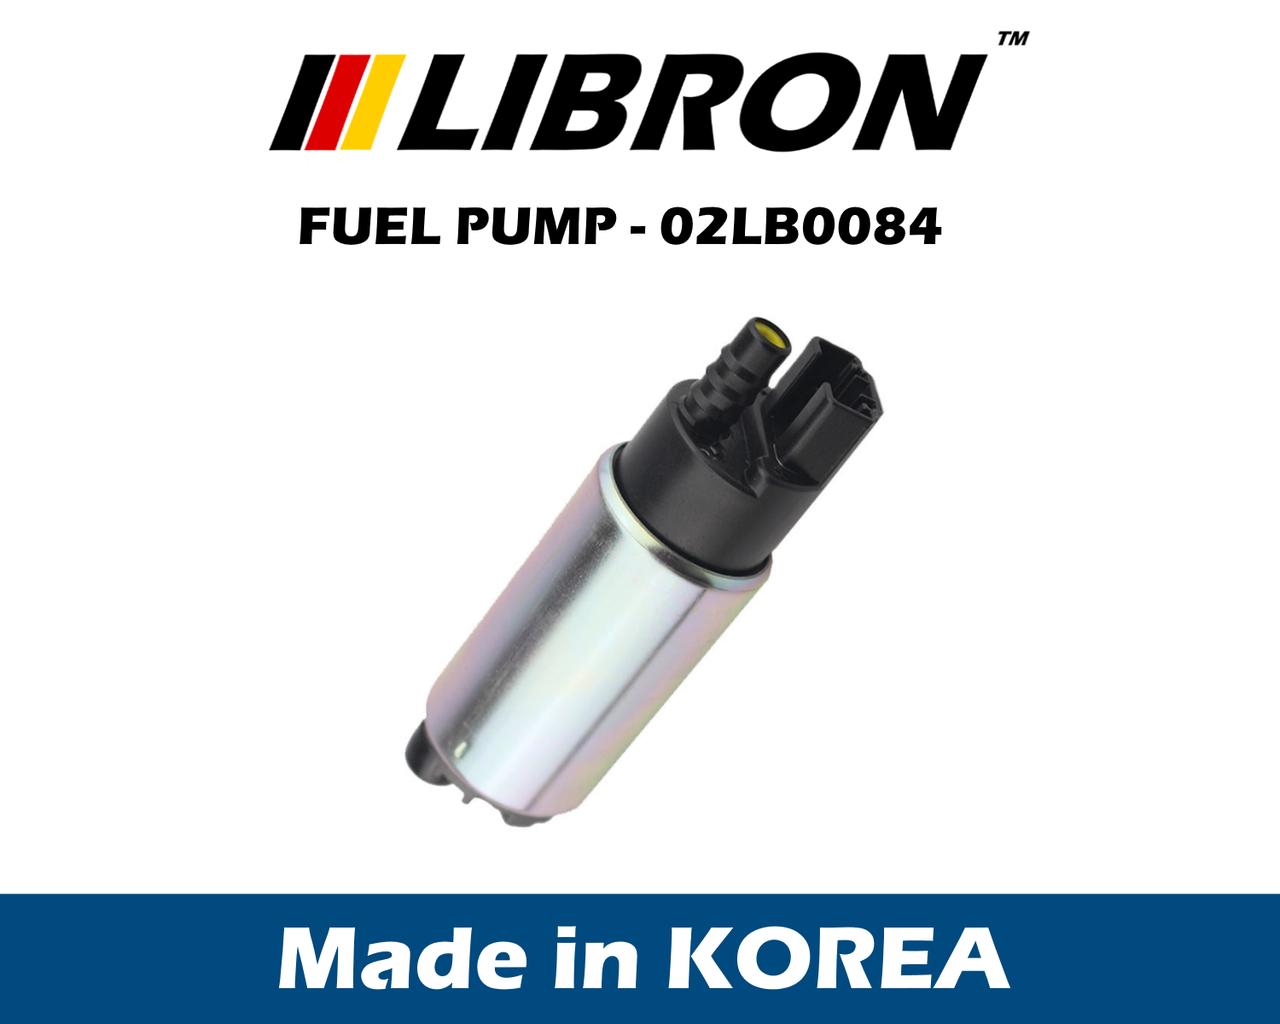 Топливный насос LIBRON 02LB0084 - HONDA ACCORD IV Aerodeck